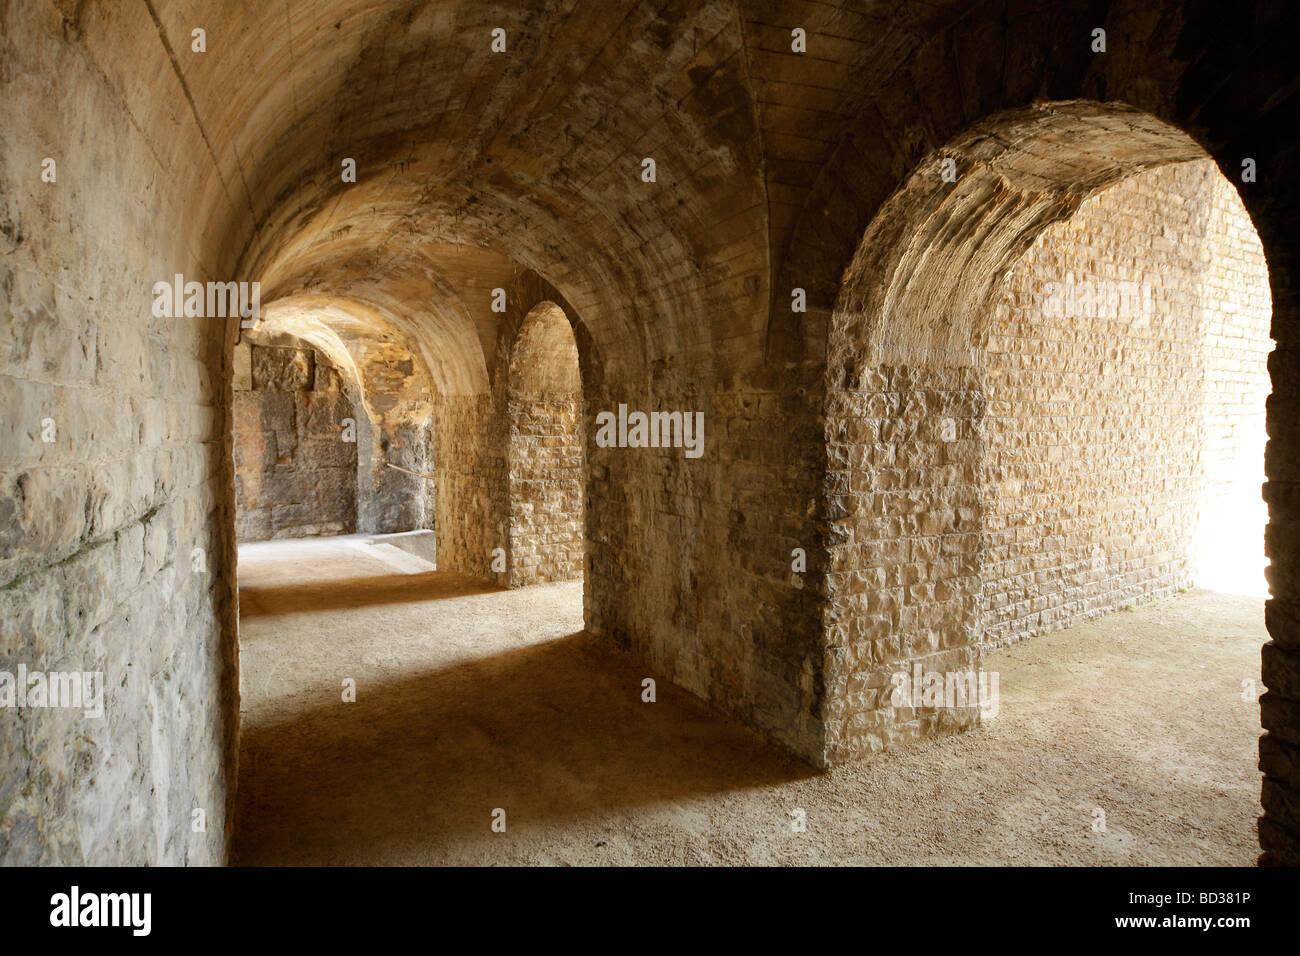 Korridore und Bögen im römischen Theater in Orange, Provence, Frankreich, Europa Stockbild